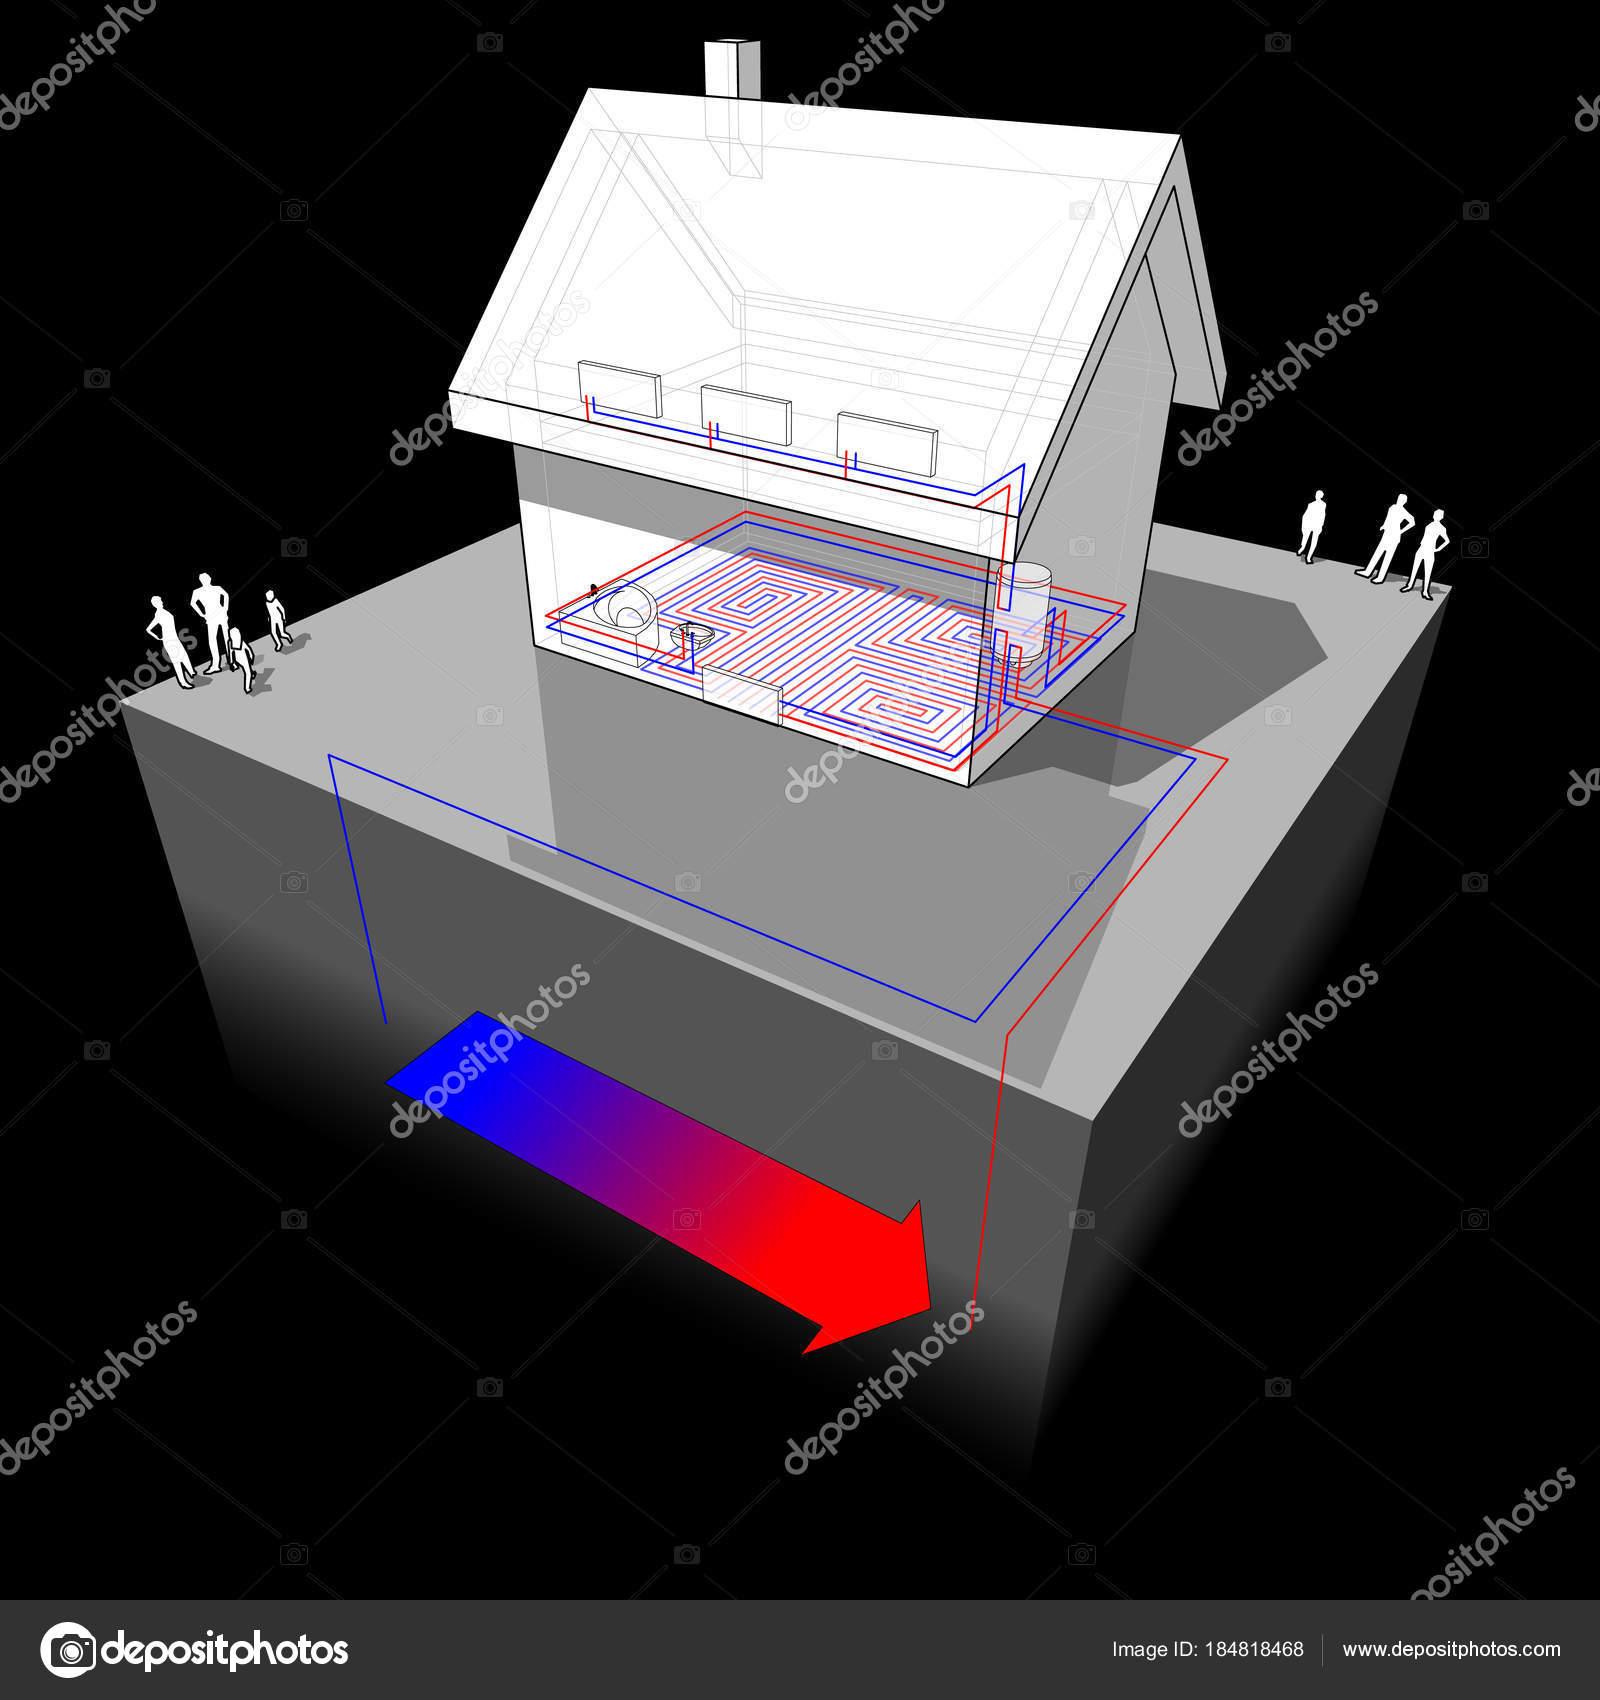 Diagramm Eines Einfamilienhauses Mit Fußbodenheizung Erdgeschoss Und ...